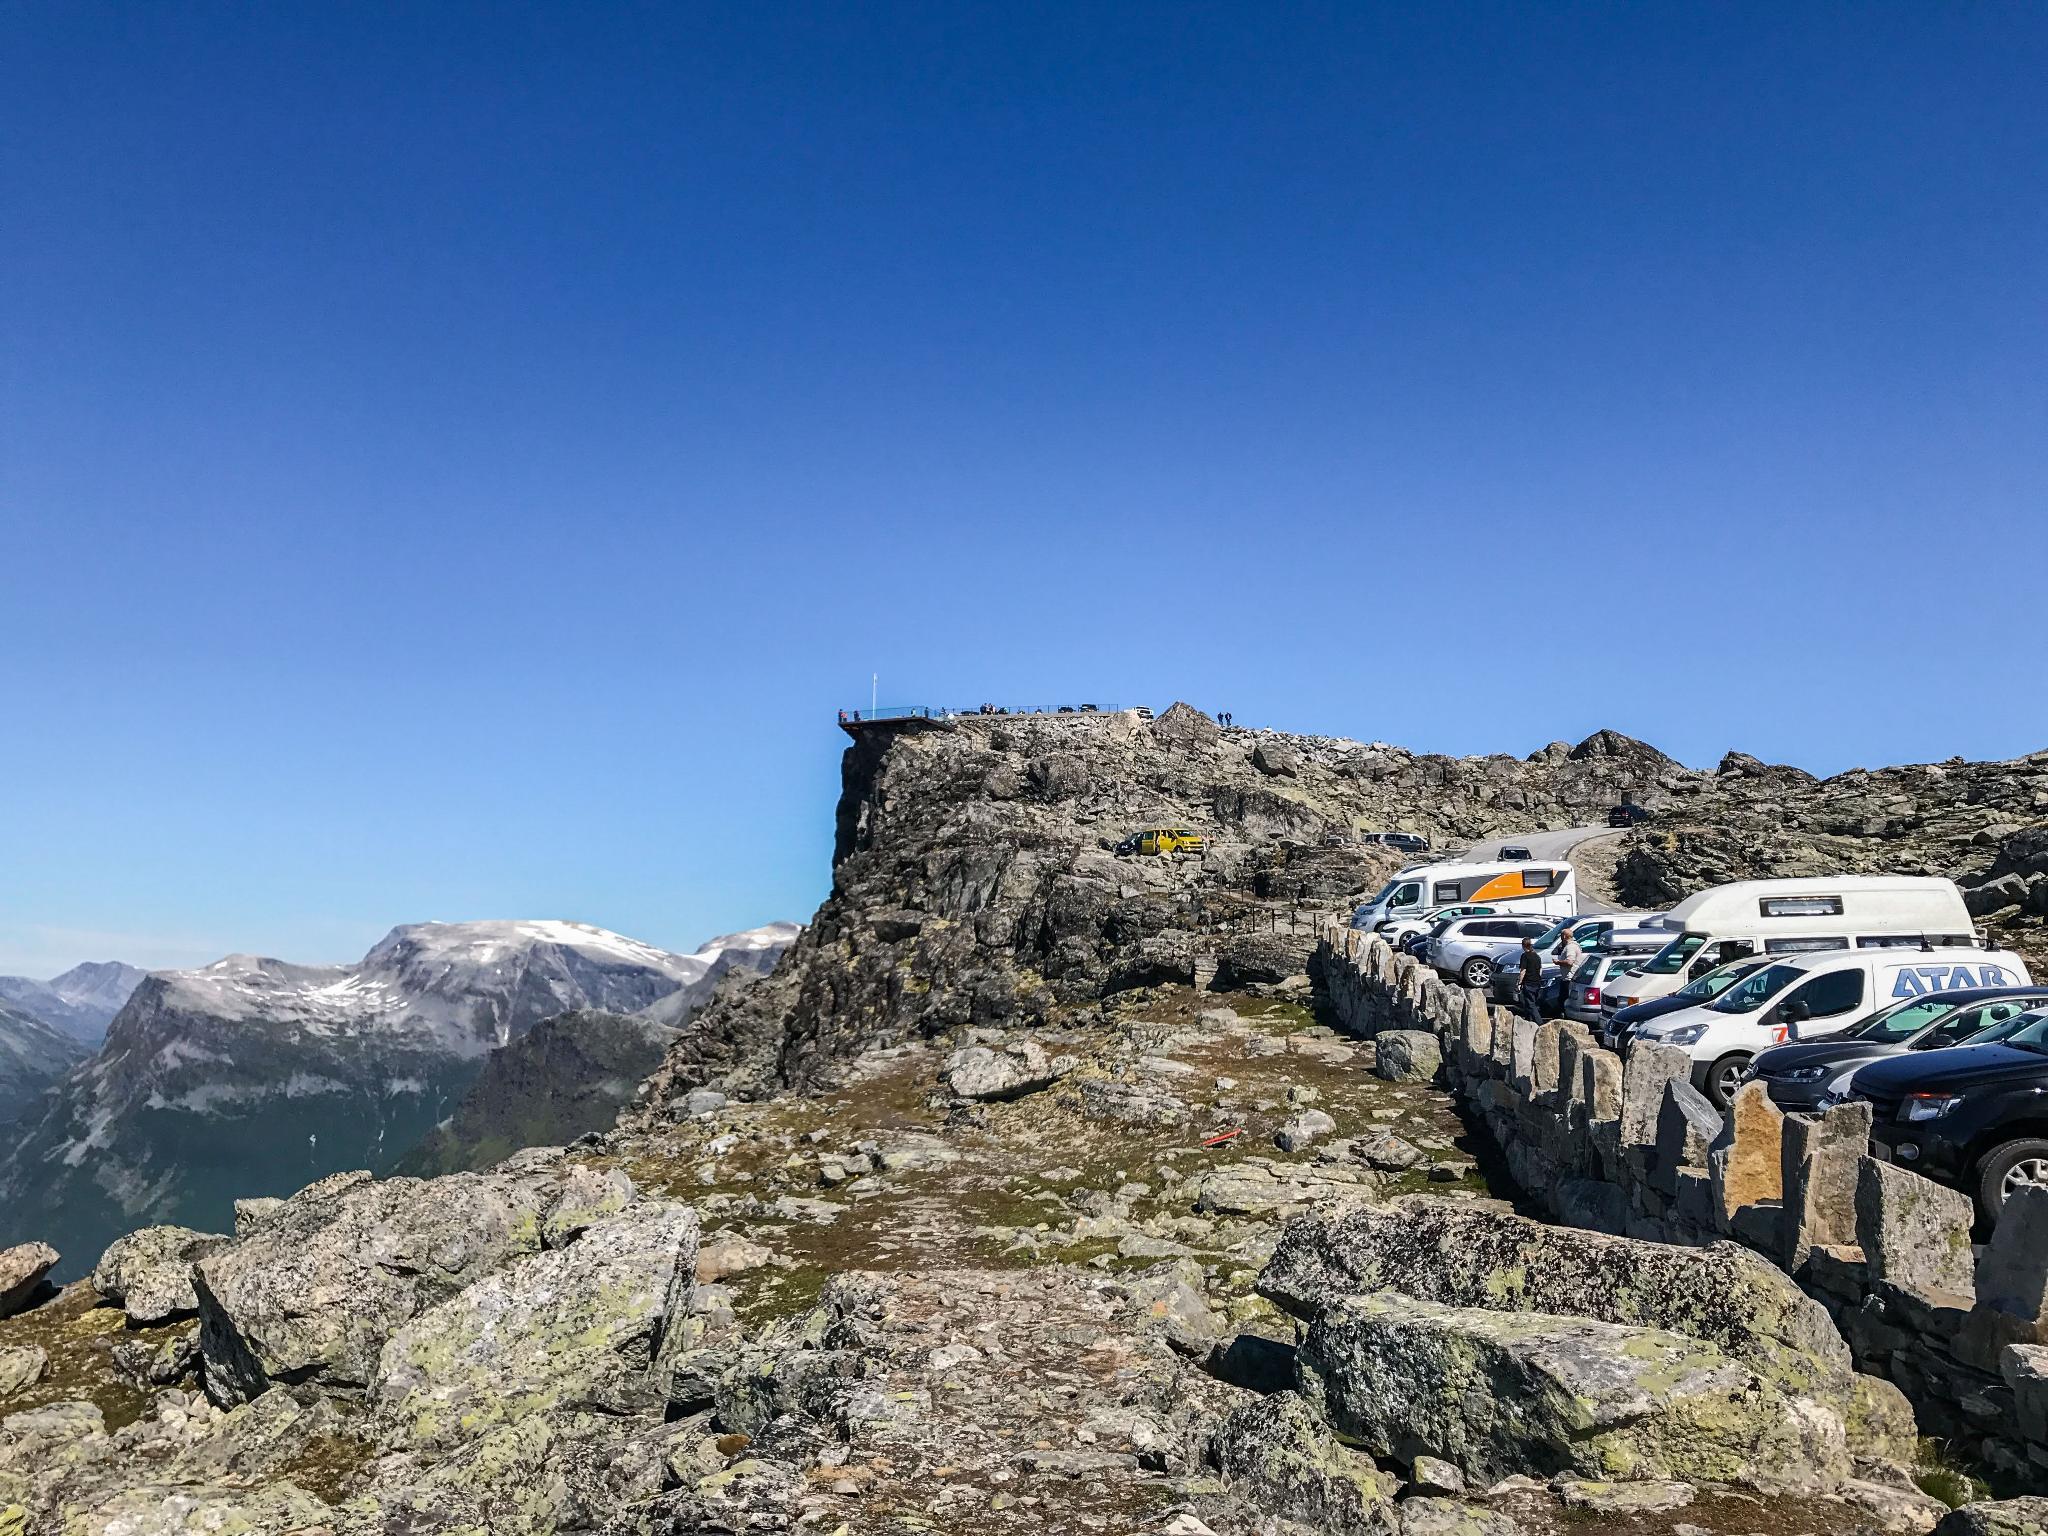 【北歐景點】歐洲最震撼的峽灣觀景台 — Dalsnibba Mountain Plateau 15